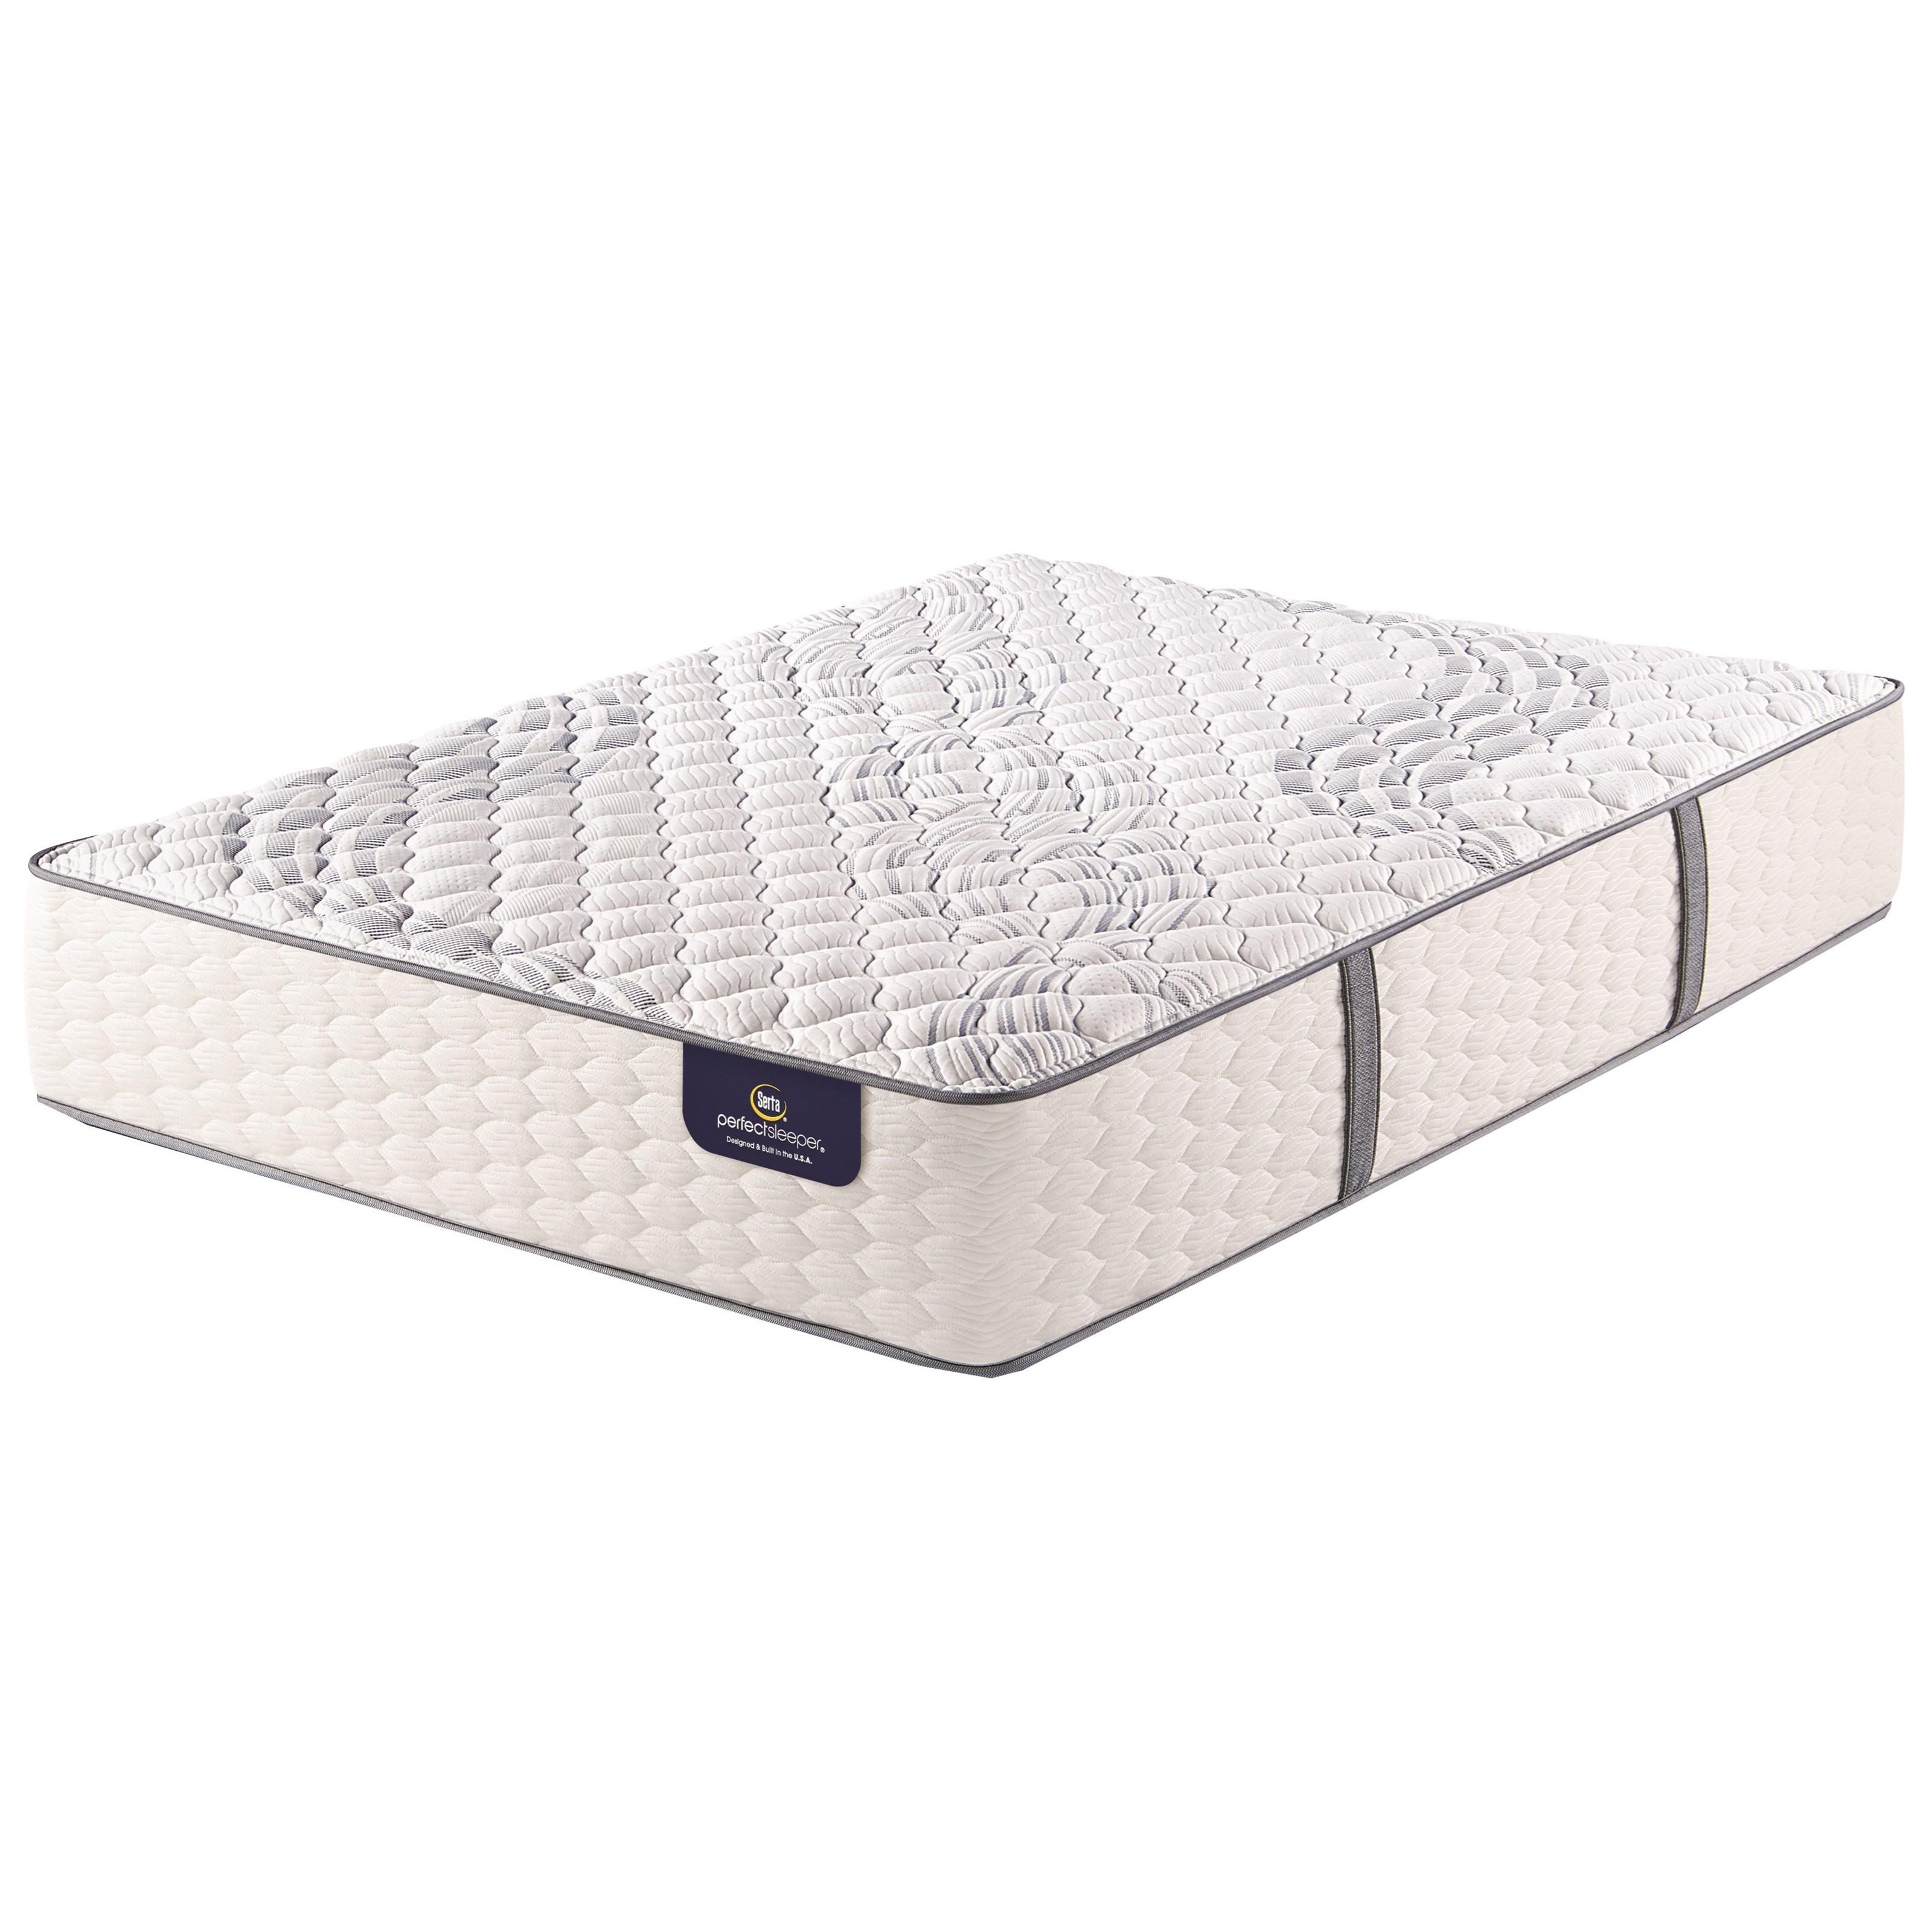 serta twin mattress. Serta Sedgewick Extra Firm King Mattress - Item Number: PSEExtraFirm-K Twin R